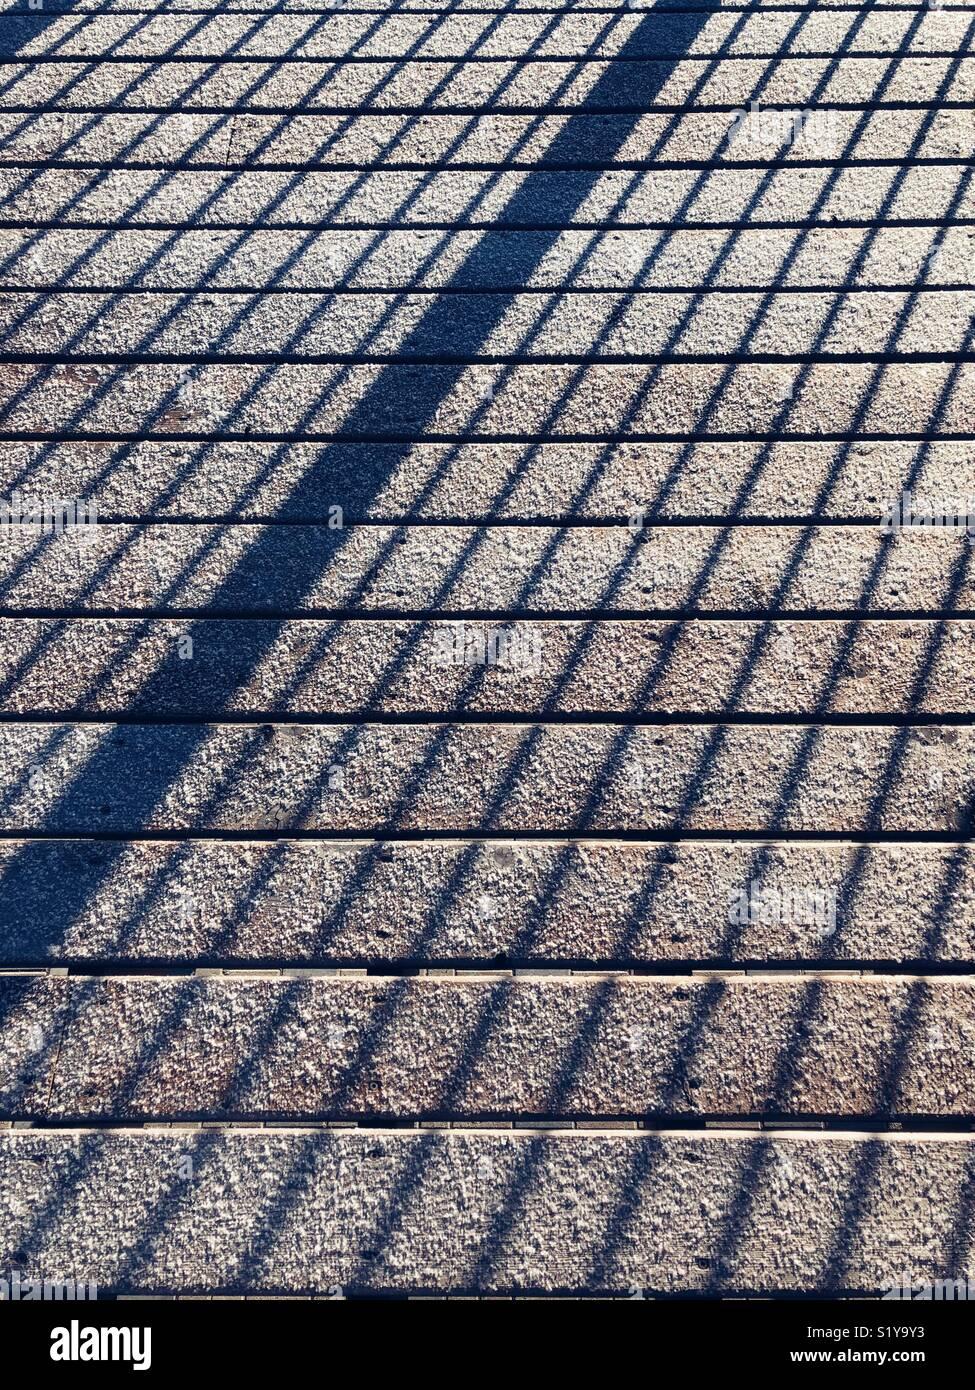 Abstract di ombre in tutta ricoperta di brina ponte di legno pannelli facendo un modello geometrico Immagini Stock